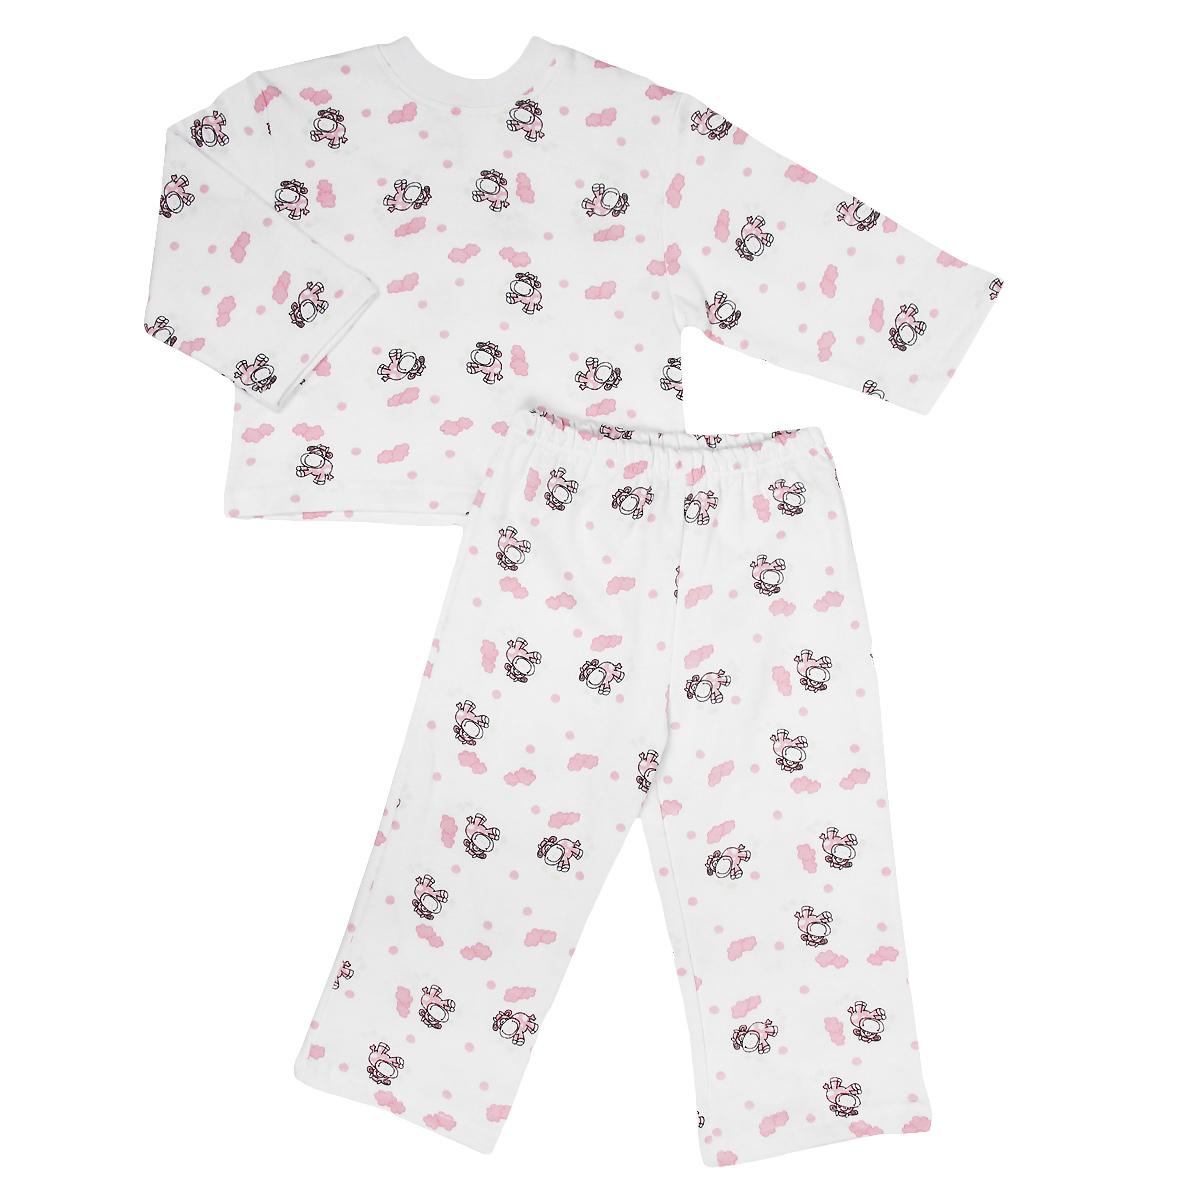 Пижама детская Трон-плюс, цвет: белый, розовый, рисунок коровы. 5553. Размер 86/92, 2-3 года5553Яркая детская пижама Трон-плюс, состоящая из кофточки и штанишек, идеально подойдет вашему малышу и станет отличным дополнением к детскому гардеробу. Теплая пижама, изготовленная из набивного футера - натурального хлопка, необычайно мягкая и легкая, не сковывает движения ребенка, позволяет коже дышать и не раздражает даже самую нежную и чувствительную кожу малыша. Кофта с длинными рукавами имеет круглый вырез горловины. Штанишки на удобной резинке не сдавливают животик ребенка и не сползают.В такой пижаме ваш ребенок будет чувствовать себя комфортно и уютно во время сна.